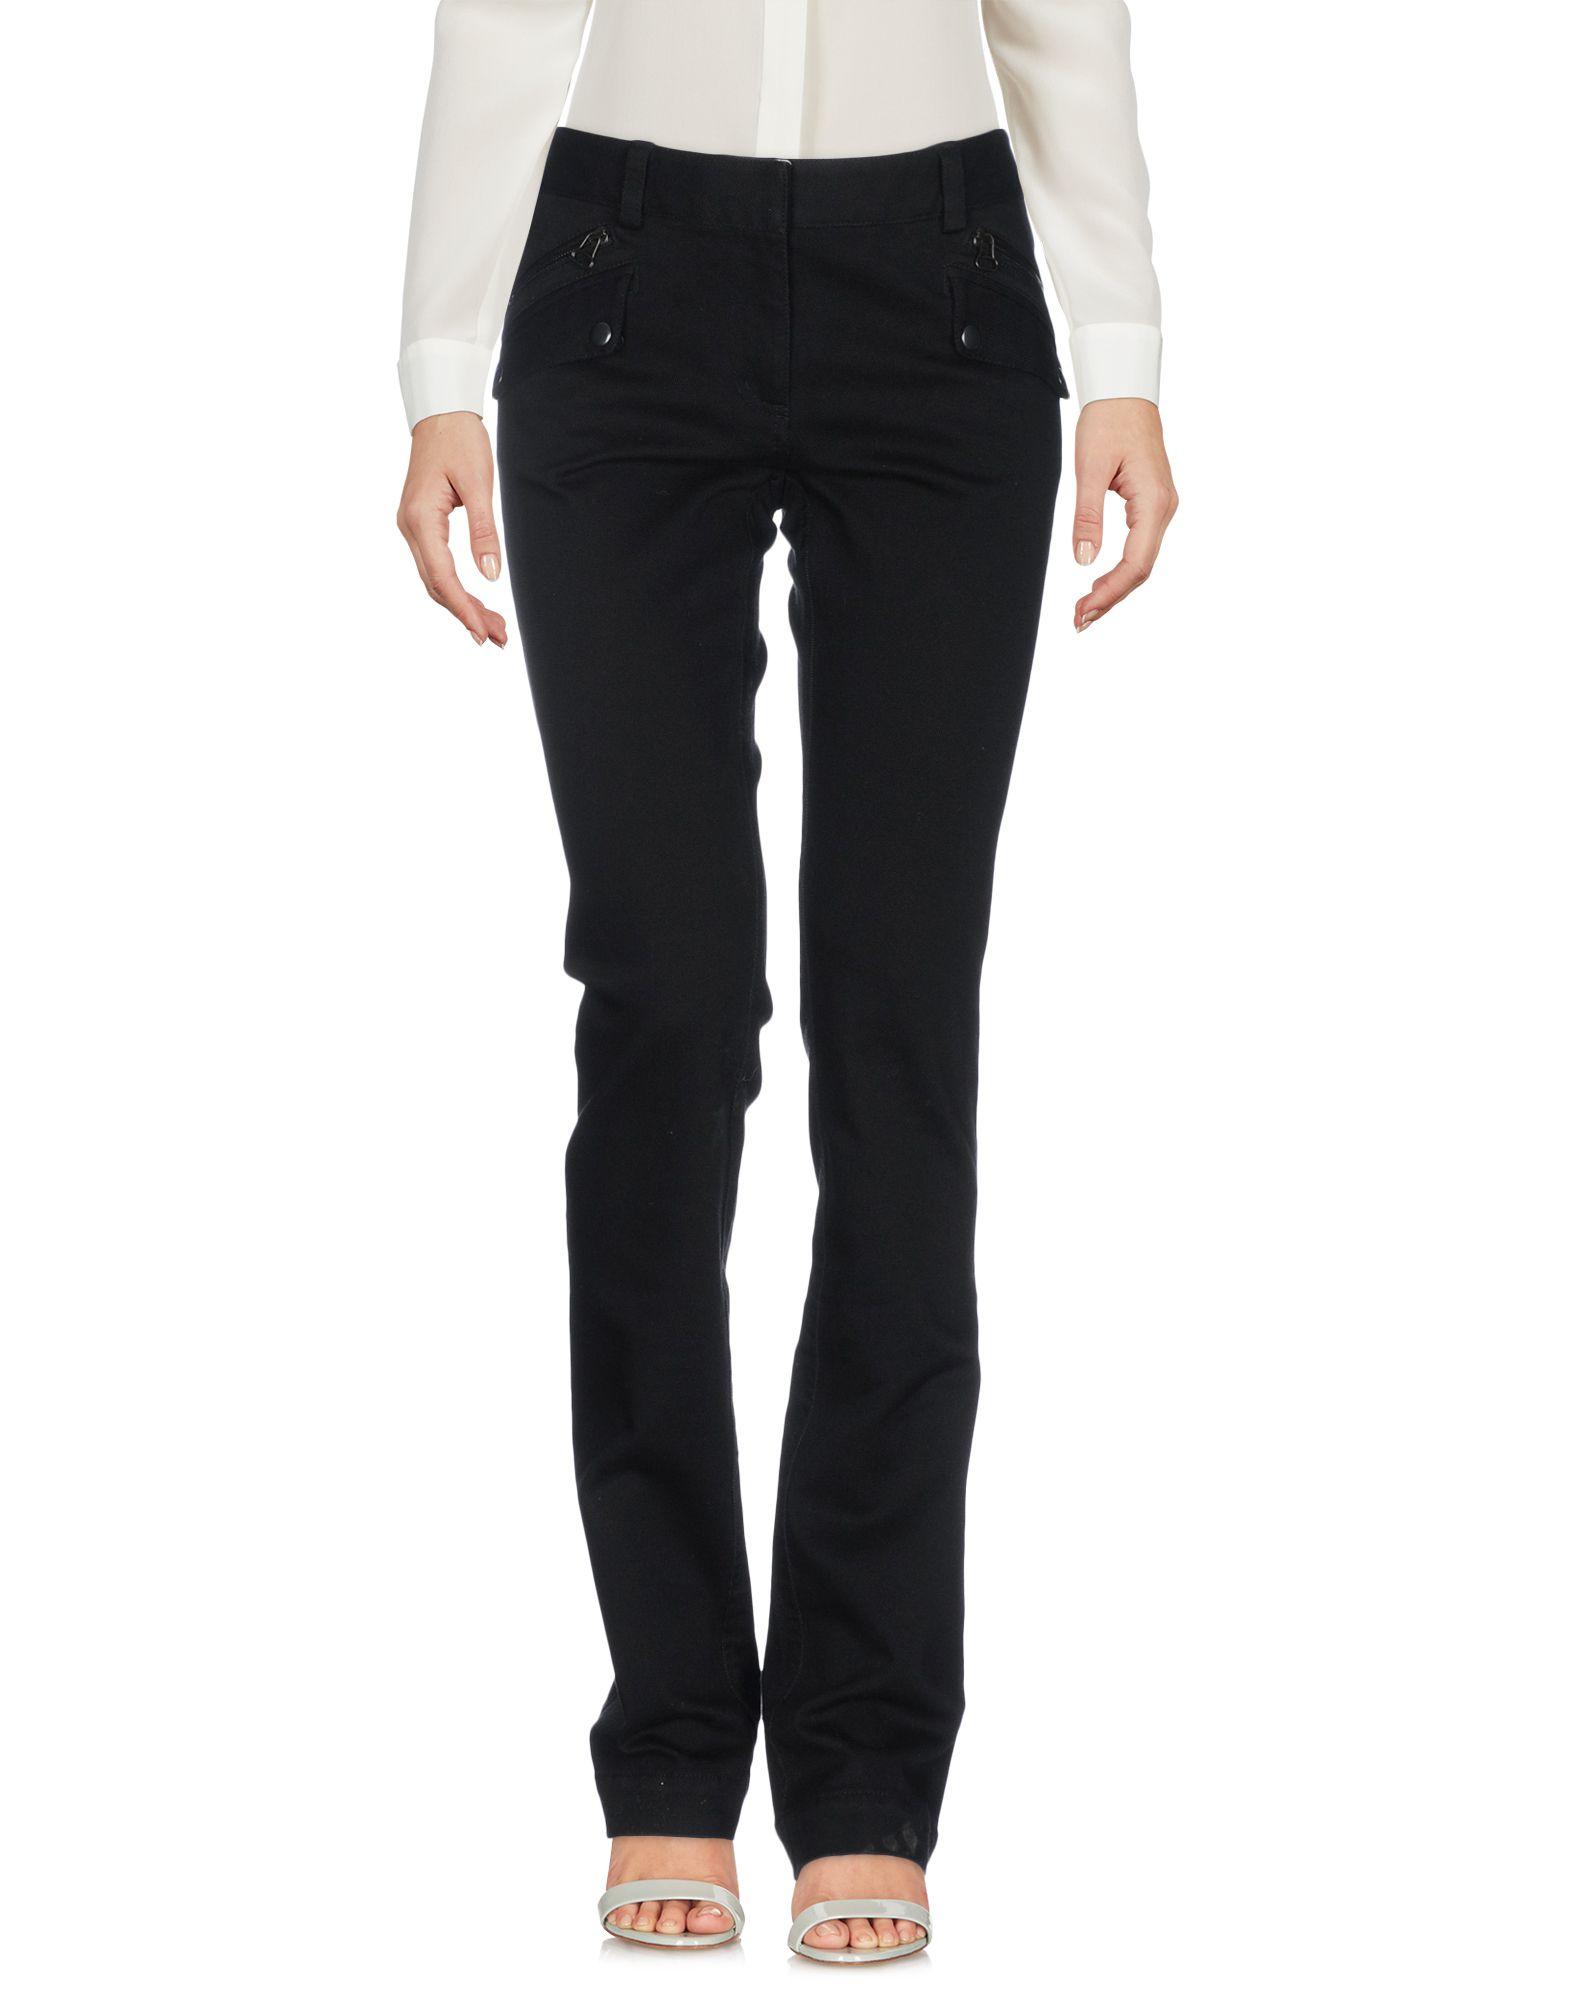 Pantalone 3.1 Phillip Lim Donna - Acquista online su Z0Ai6QnY